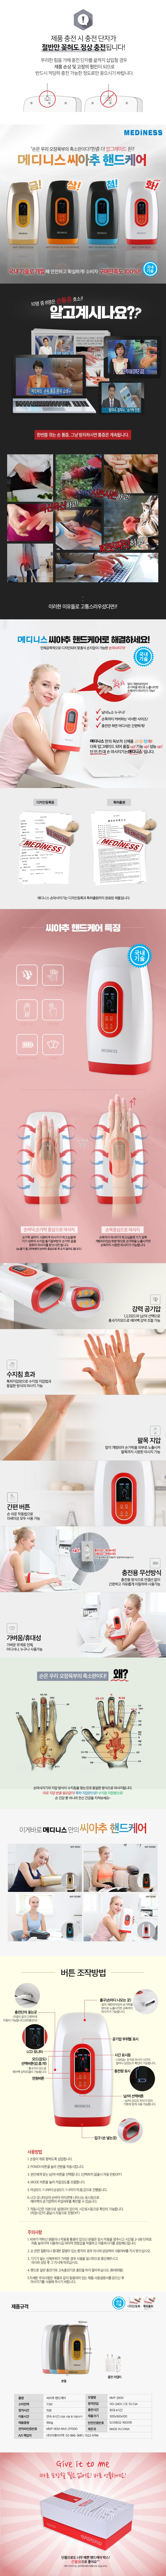 금상첨화 씨아추 핸드케어 4종택1수지침효과 - 메드니스, 169,000원, 안마/교정, 부위안마기